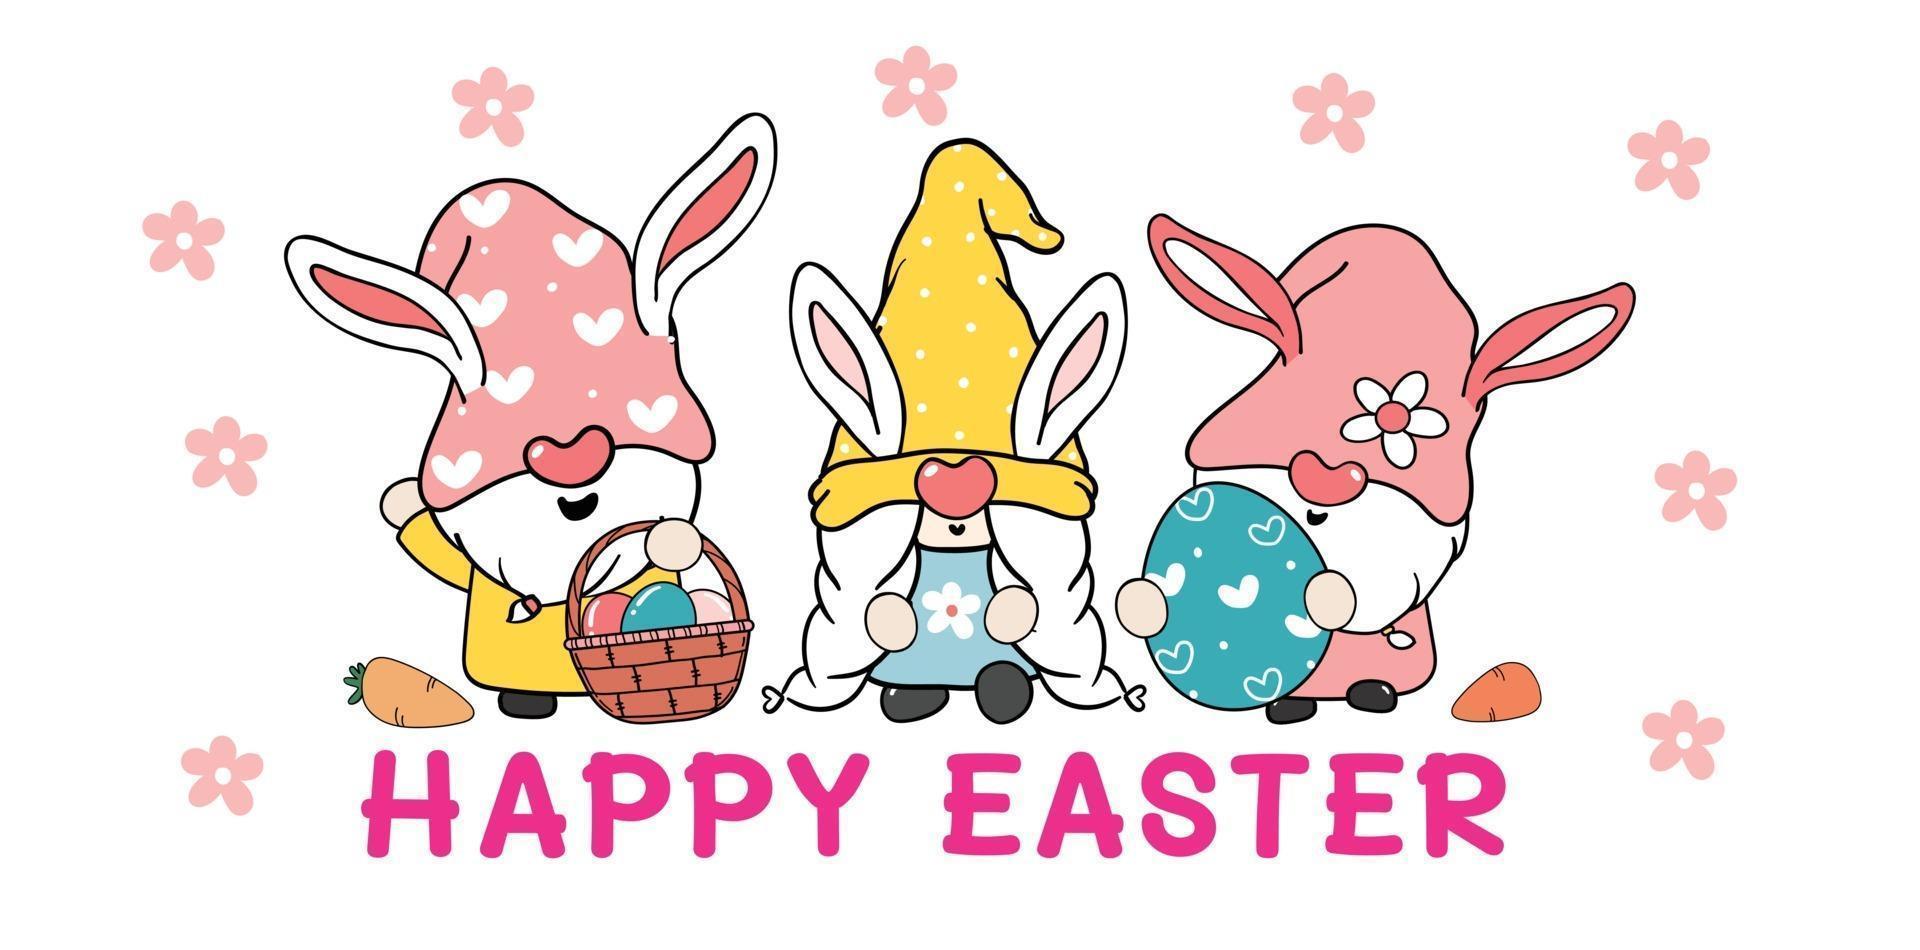 três gnomos fofos e doces coelhinhos da Páscoa com orelhas de coelho, banner de vetor de desenho animado feliz páscoa